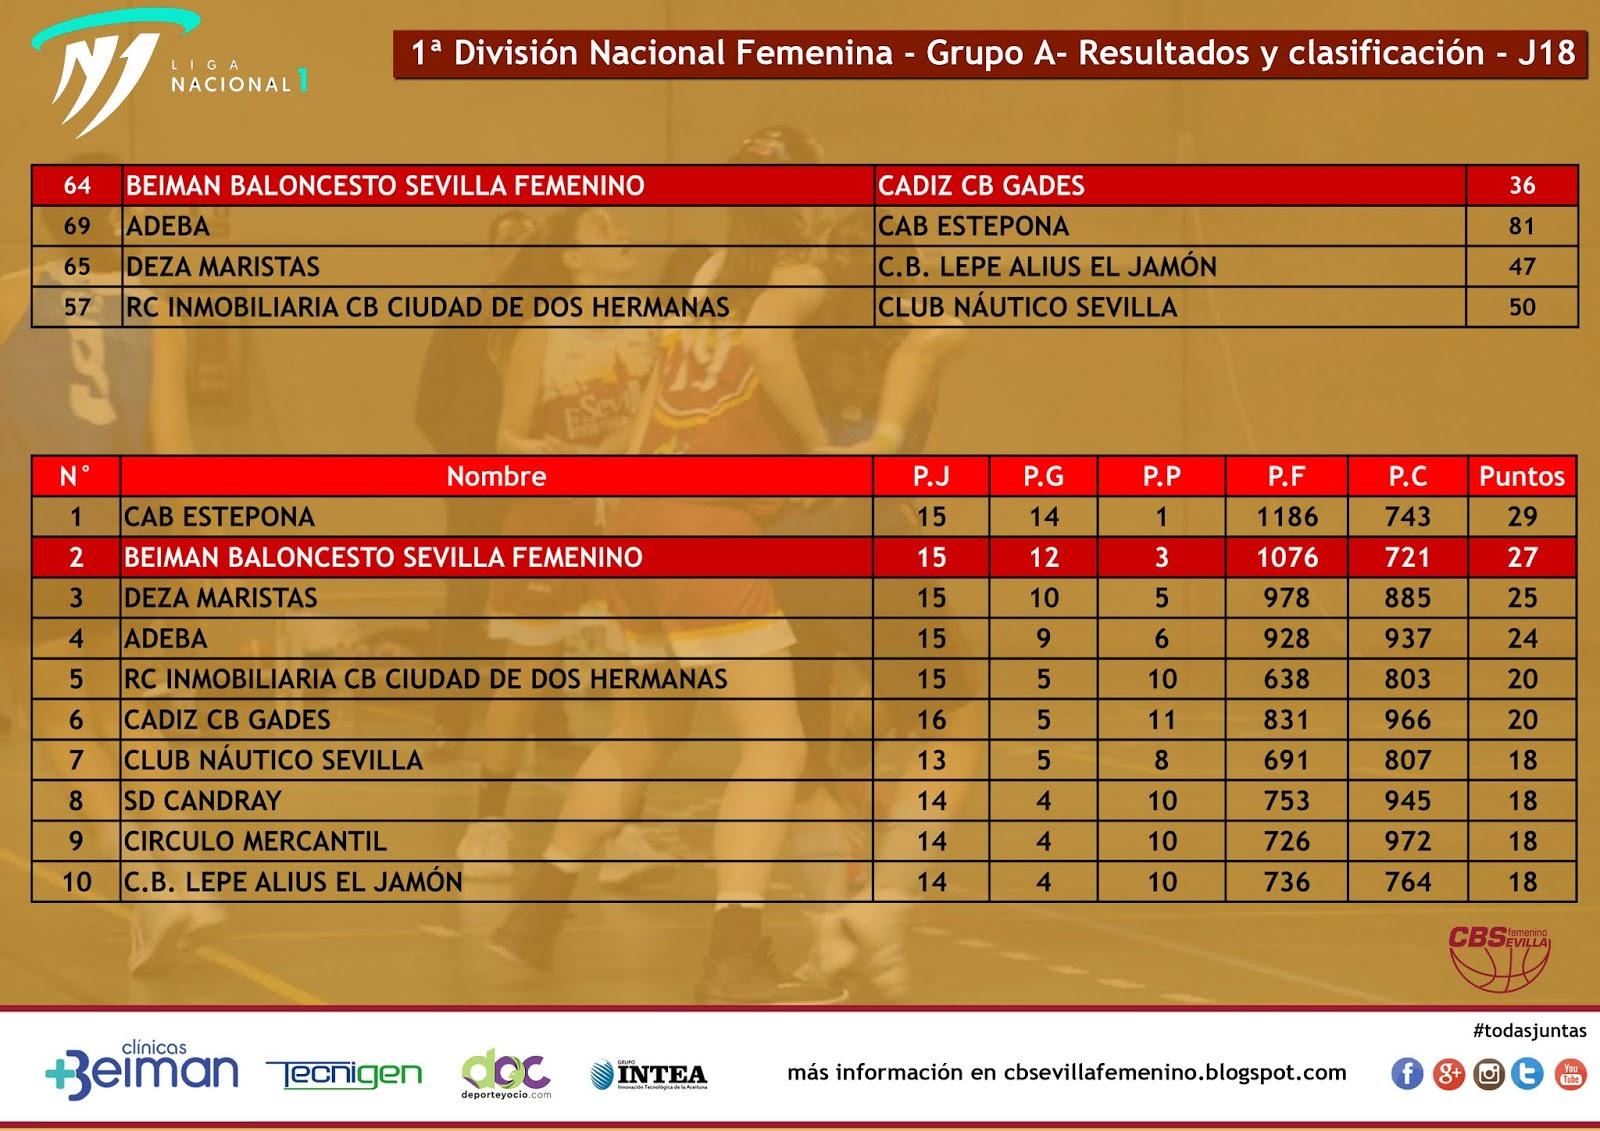 Resultados y clasificación jornada 18